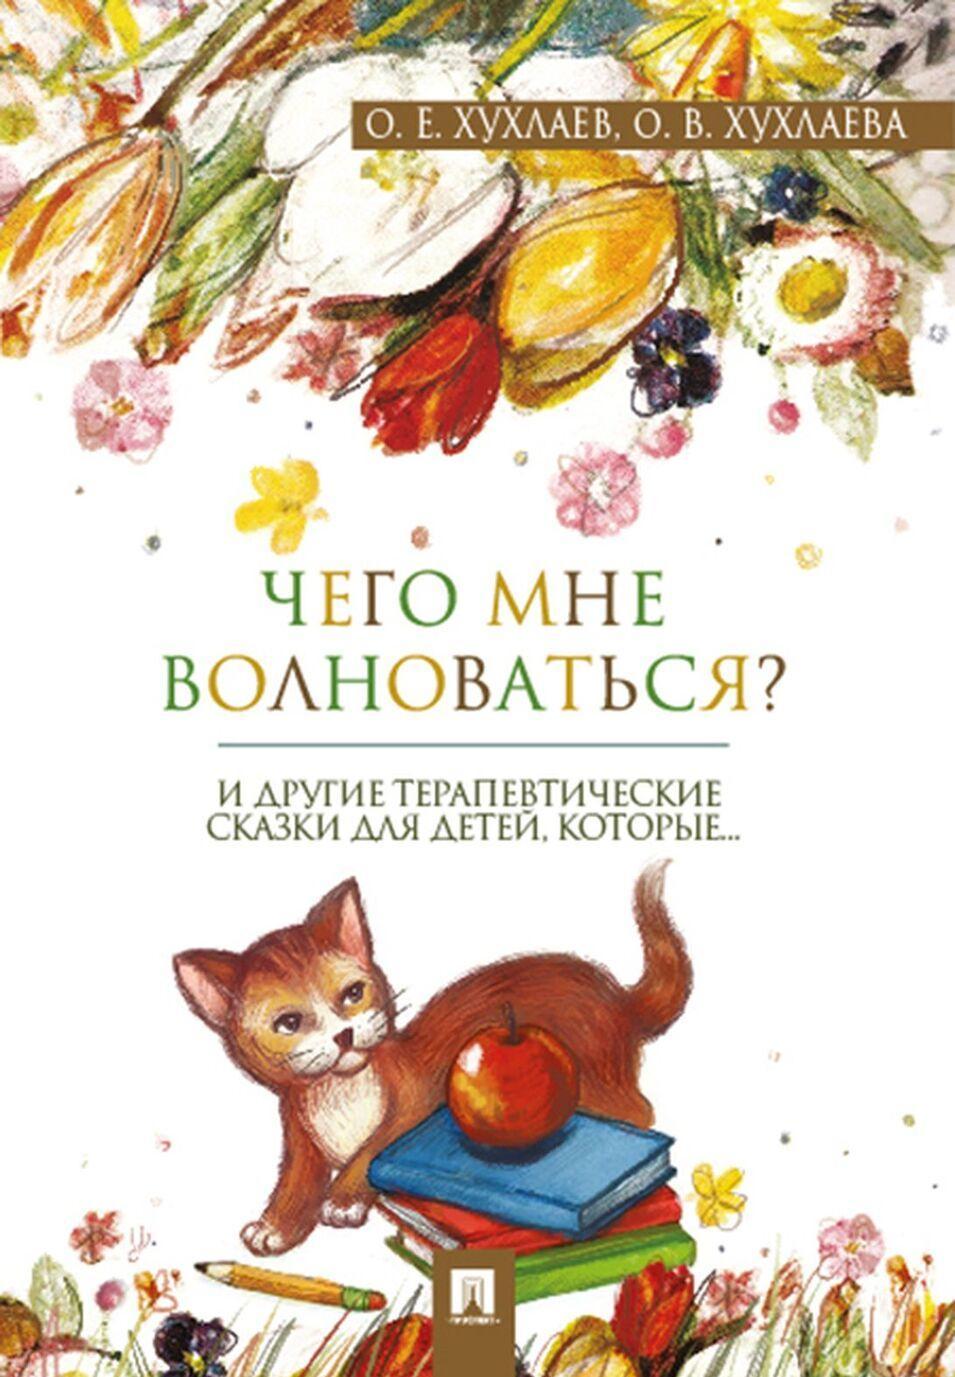 Chto mne volnovatsja? Terapevticheskie skazki | Khukhlaev Oleg Evgenevich, Khukhlaeva Olga Vladimirovna